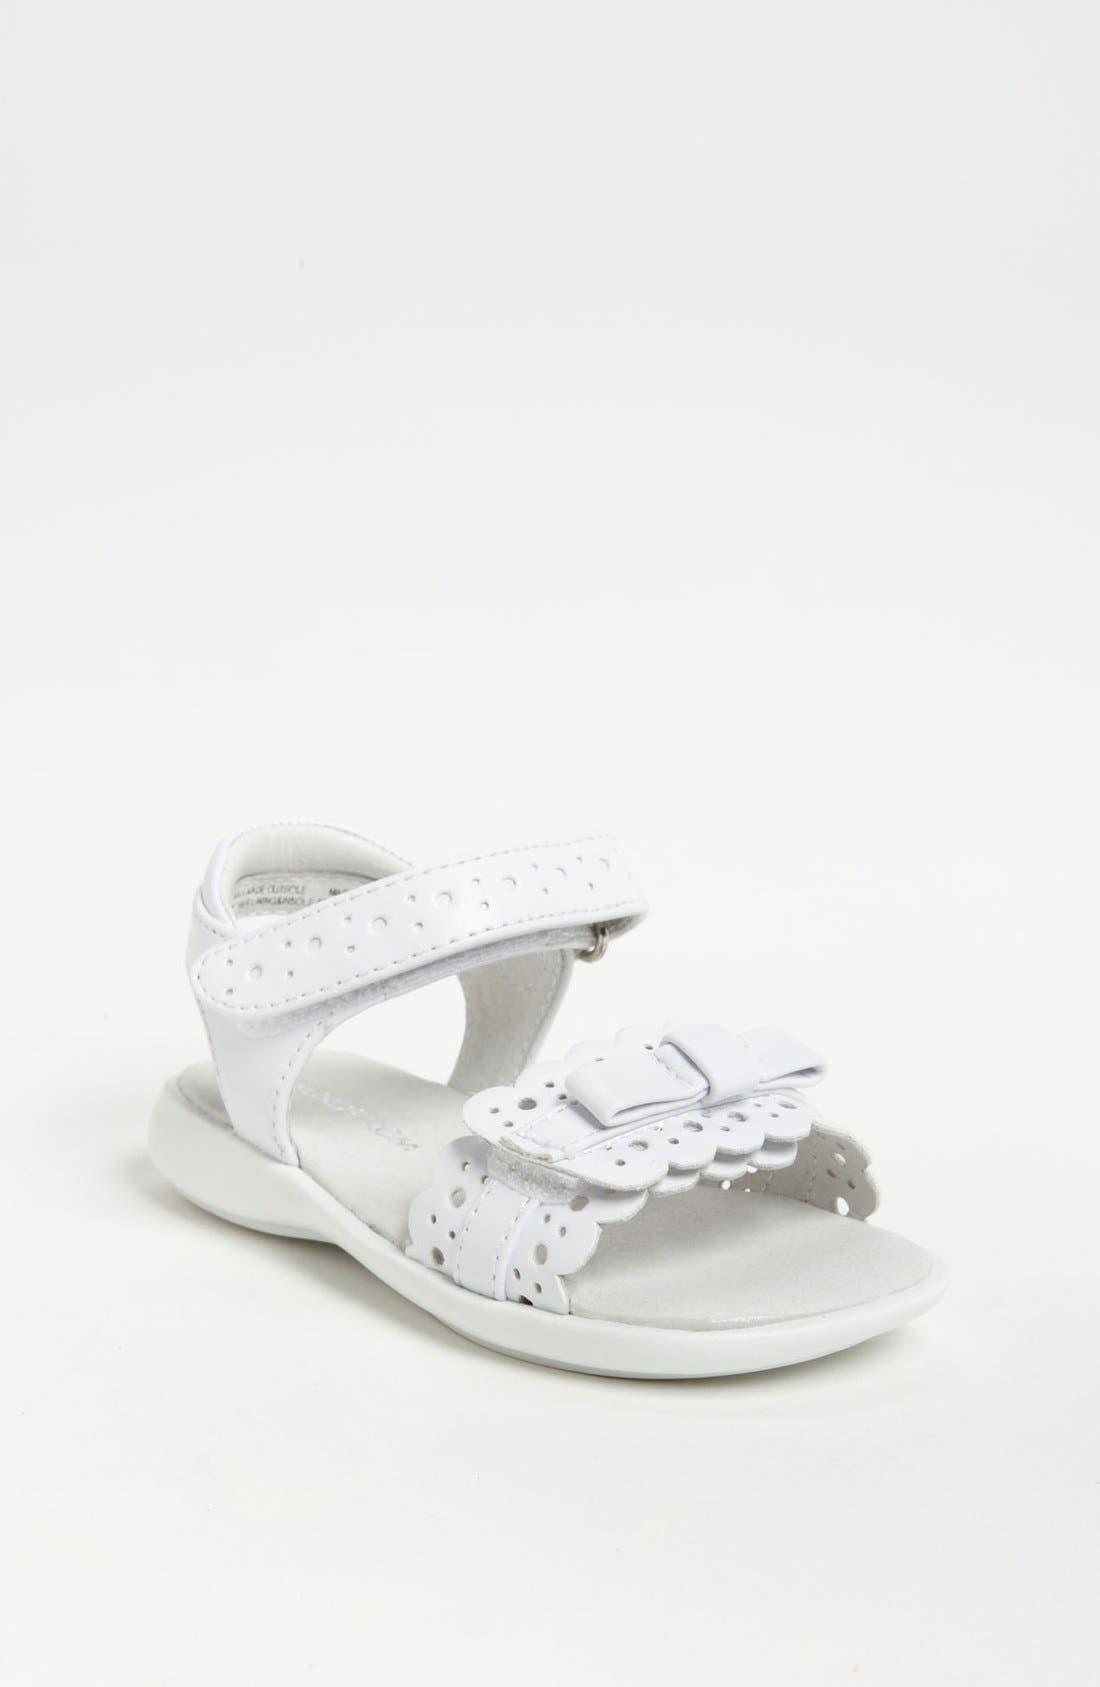 Alternate Image 1 Selected - Nordstrom 'Megan' Sandal (Walker & Toddler)